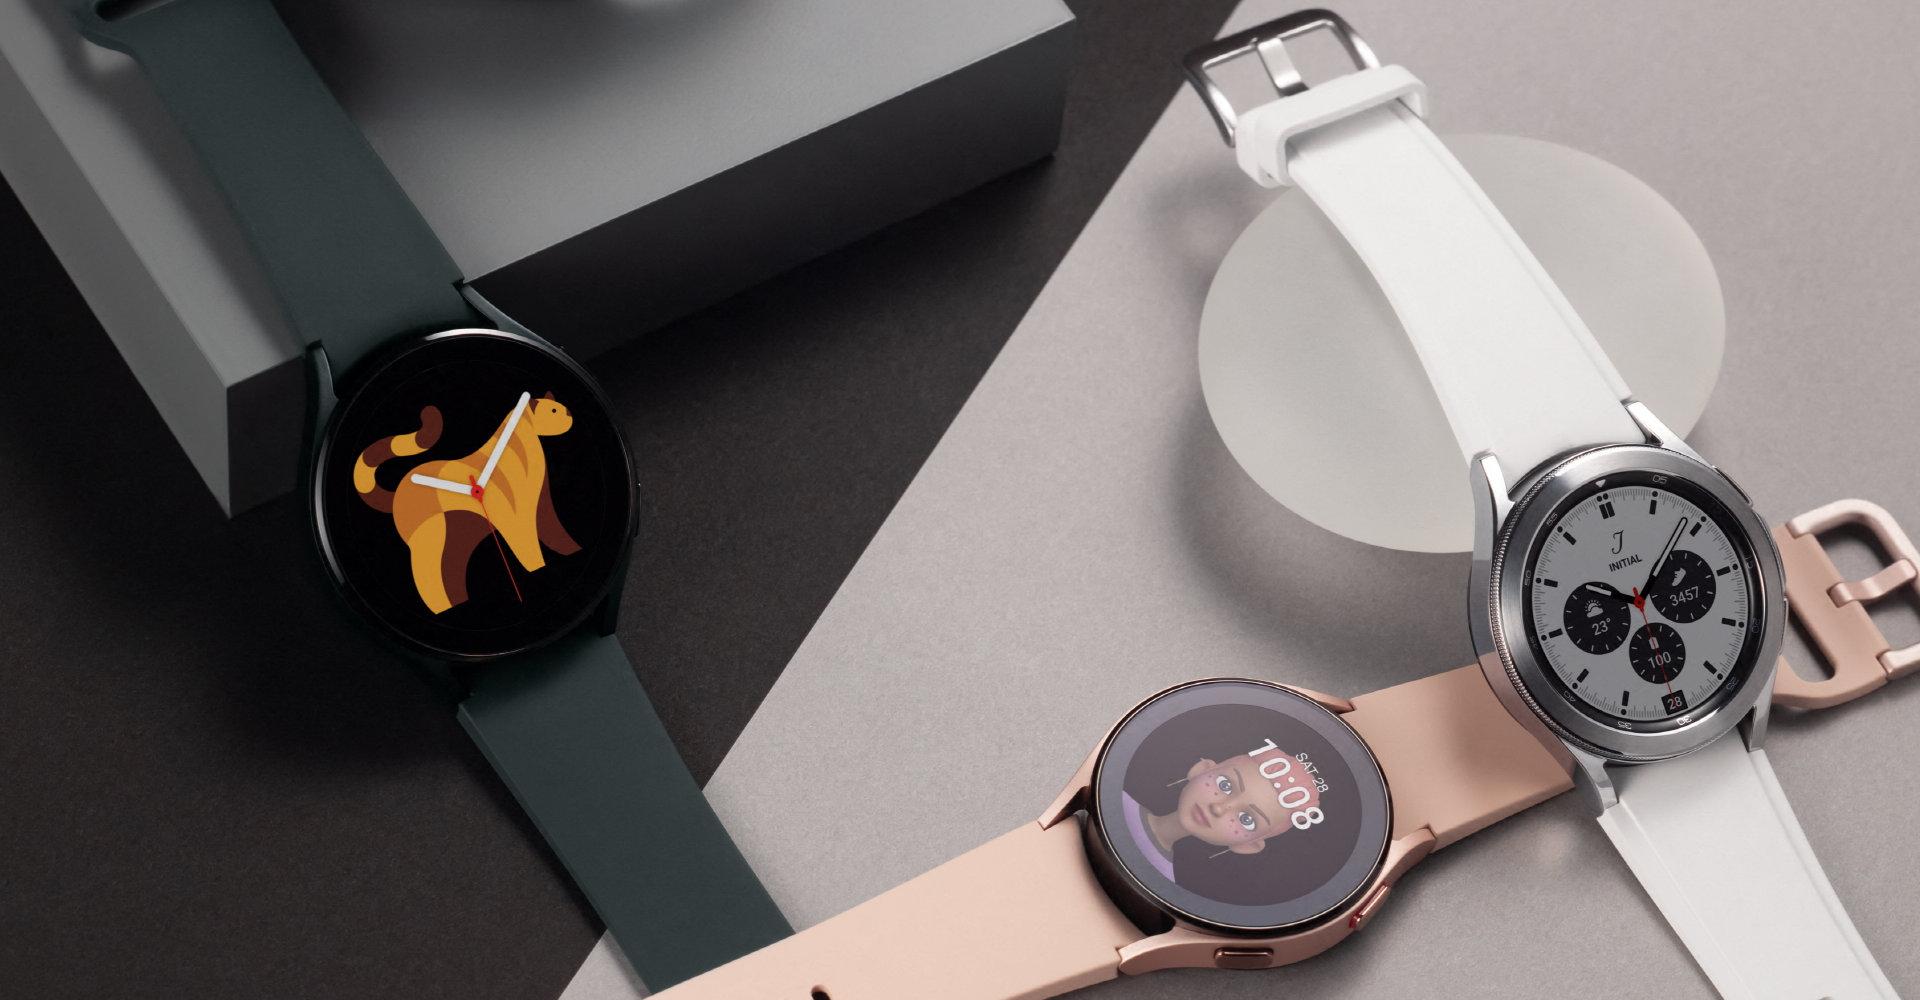 Samsung Galaxy Watch4 liegend in drei Farben Schwarz, Weiß und Rosa